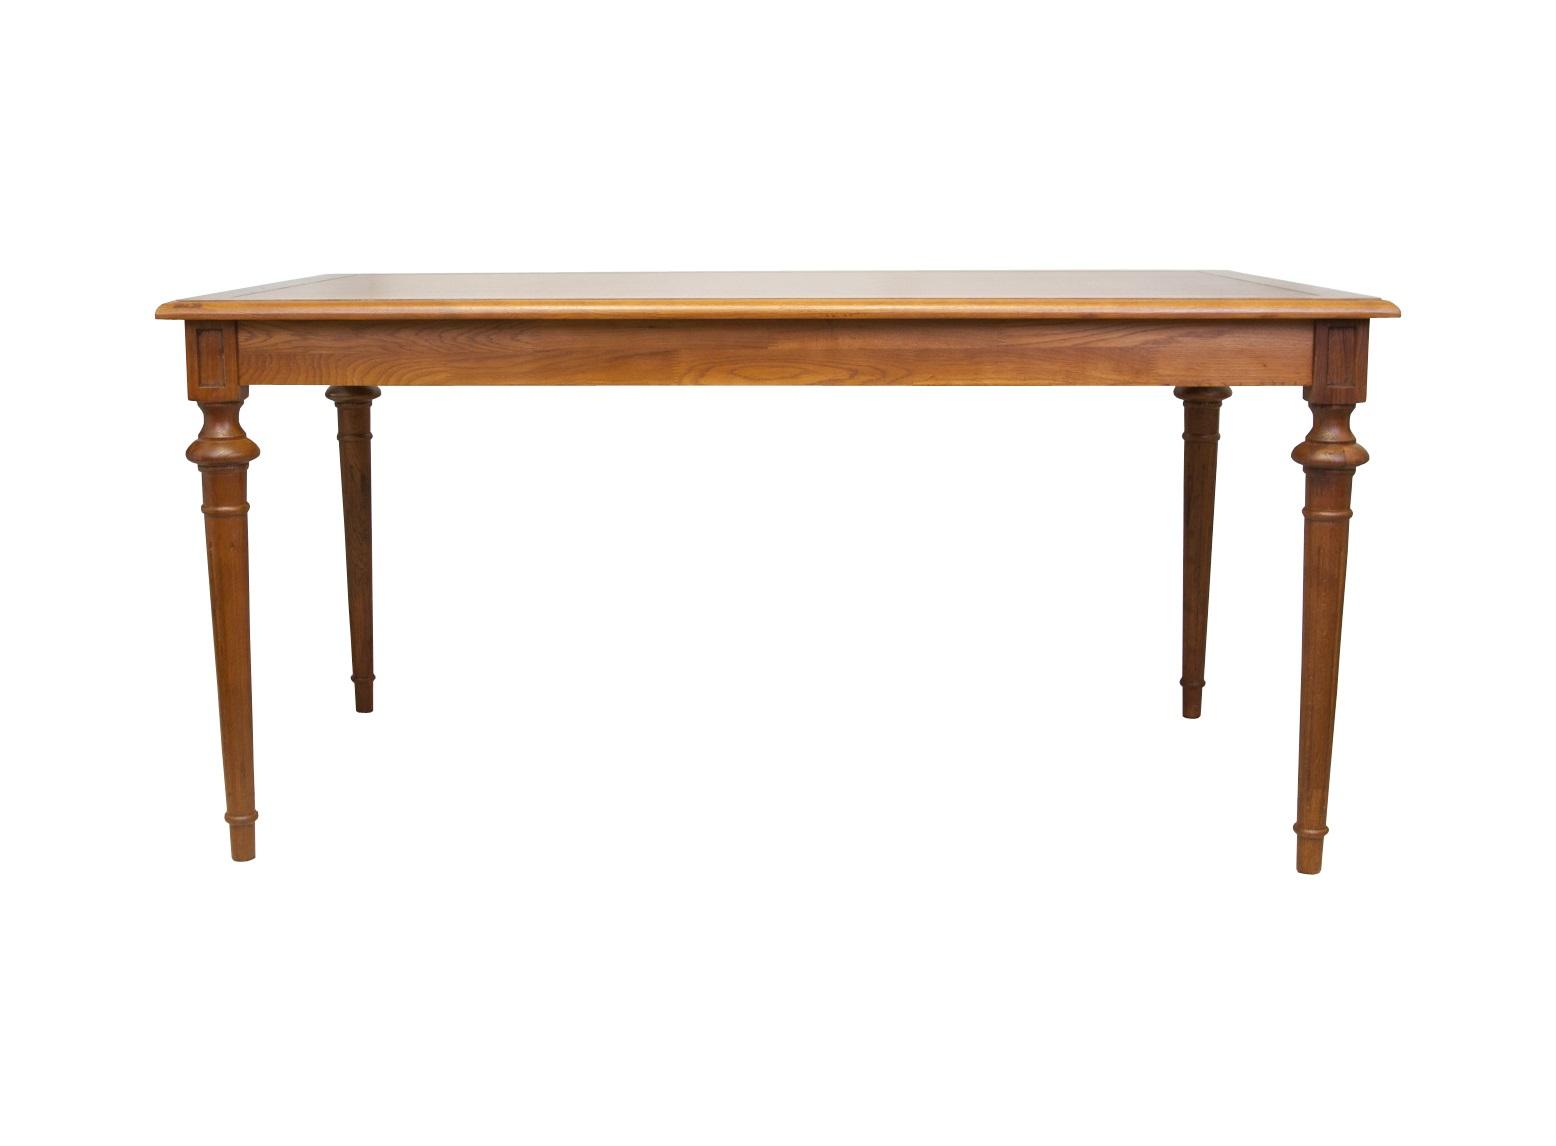 Стол PatonОбеденные столы<br>Стол Paton - традиционная модель для гостиных или столовых. Его привычные очертания дополнят интерьер в классическом стиле. Изюминка модели - элегантные точеные ножки.<br><br>Material: Дуб<br>Ширина см: 160<br>Высота см: 78<br>Глубина см: 90